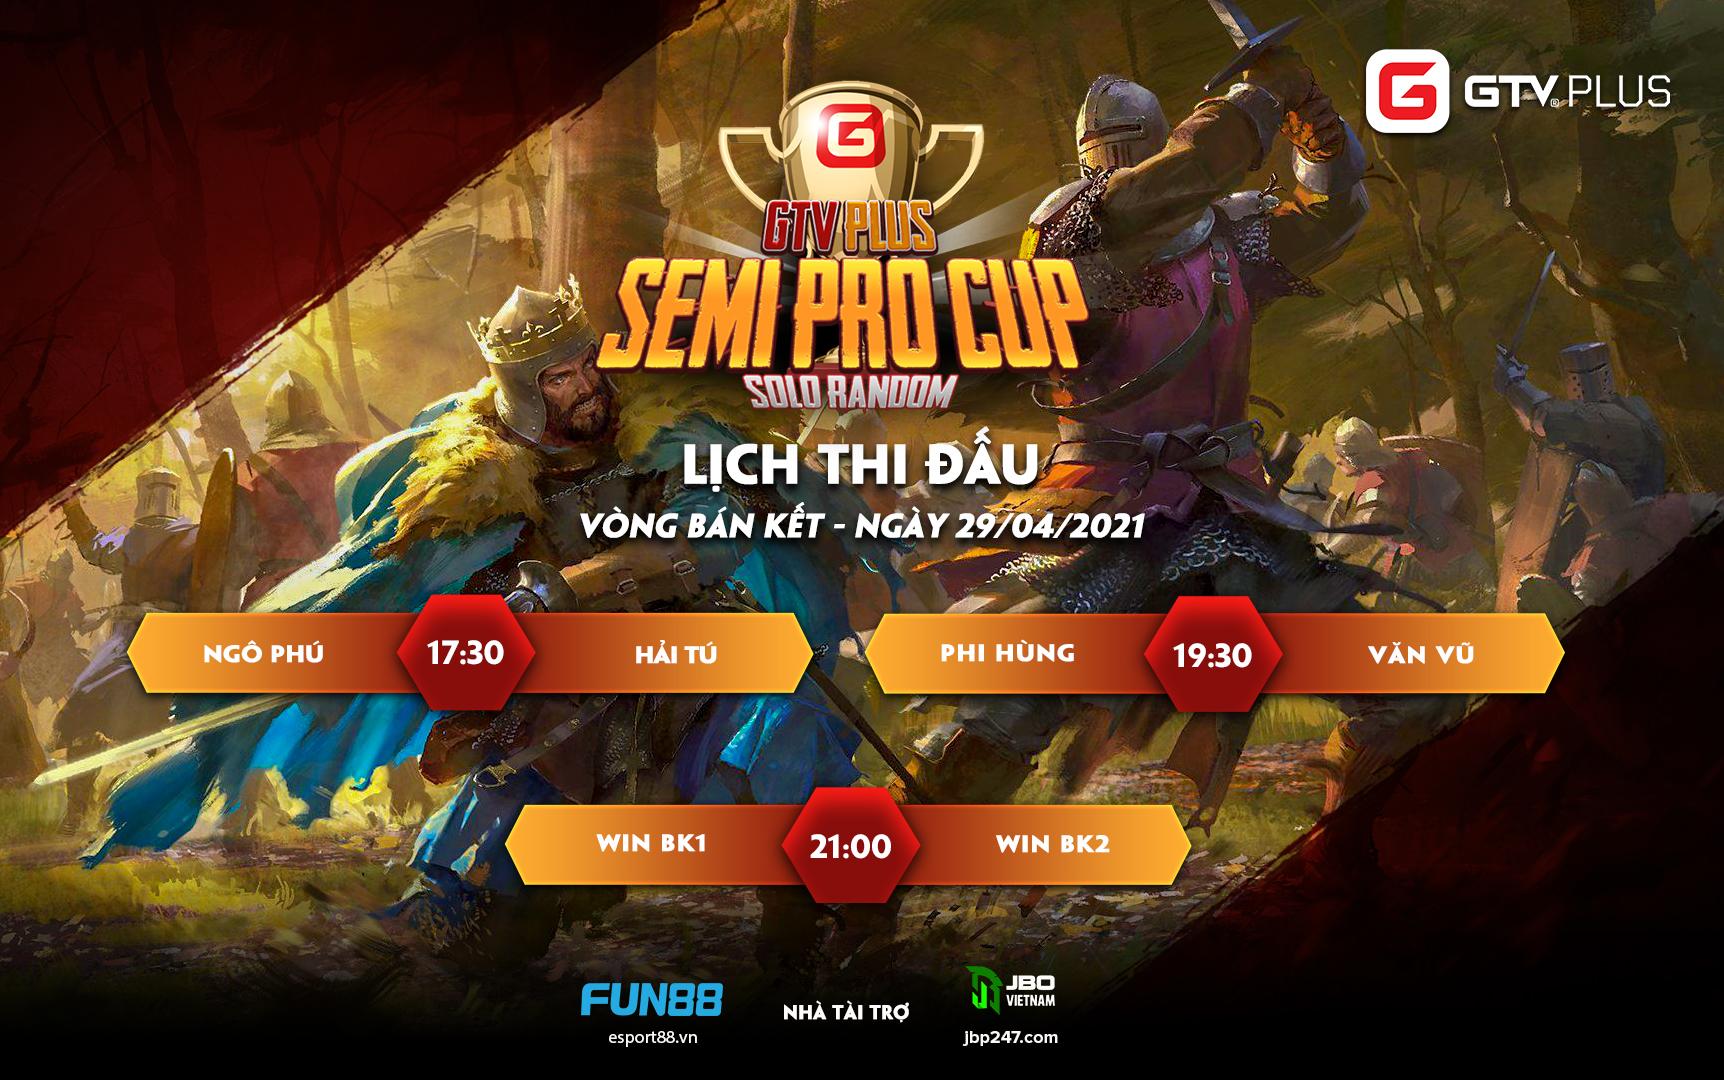 Lịch thi đấu ngày thi đấu ngày 29 tháng 4 Giải đấu GTV Semi Pro Cup 2021